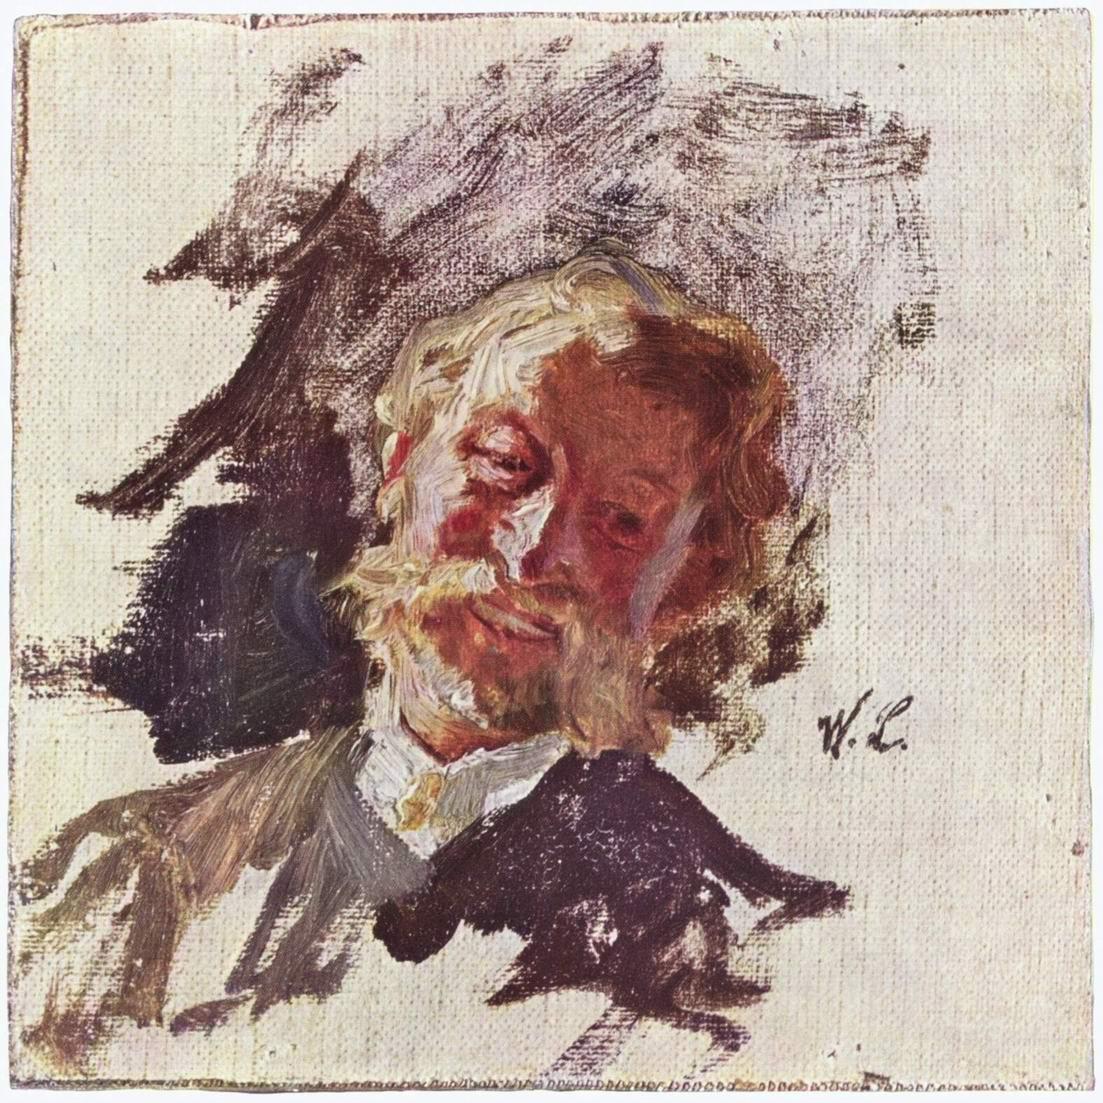 Мужской портрет, Лейбль Вильгельм Мария Хубертус